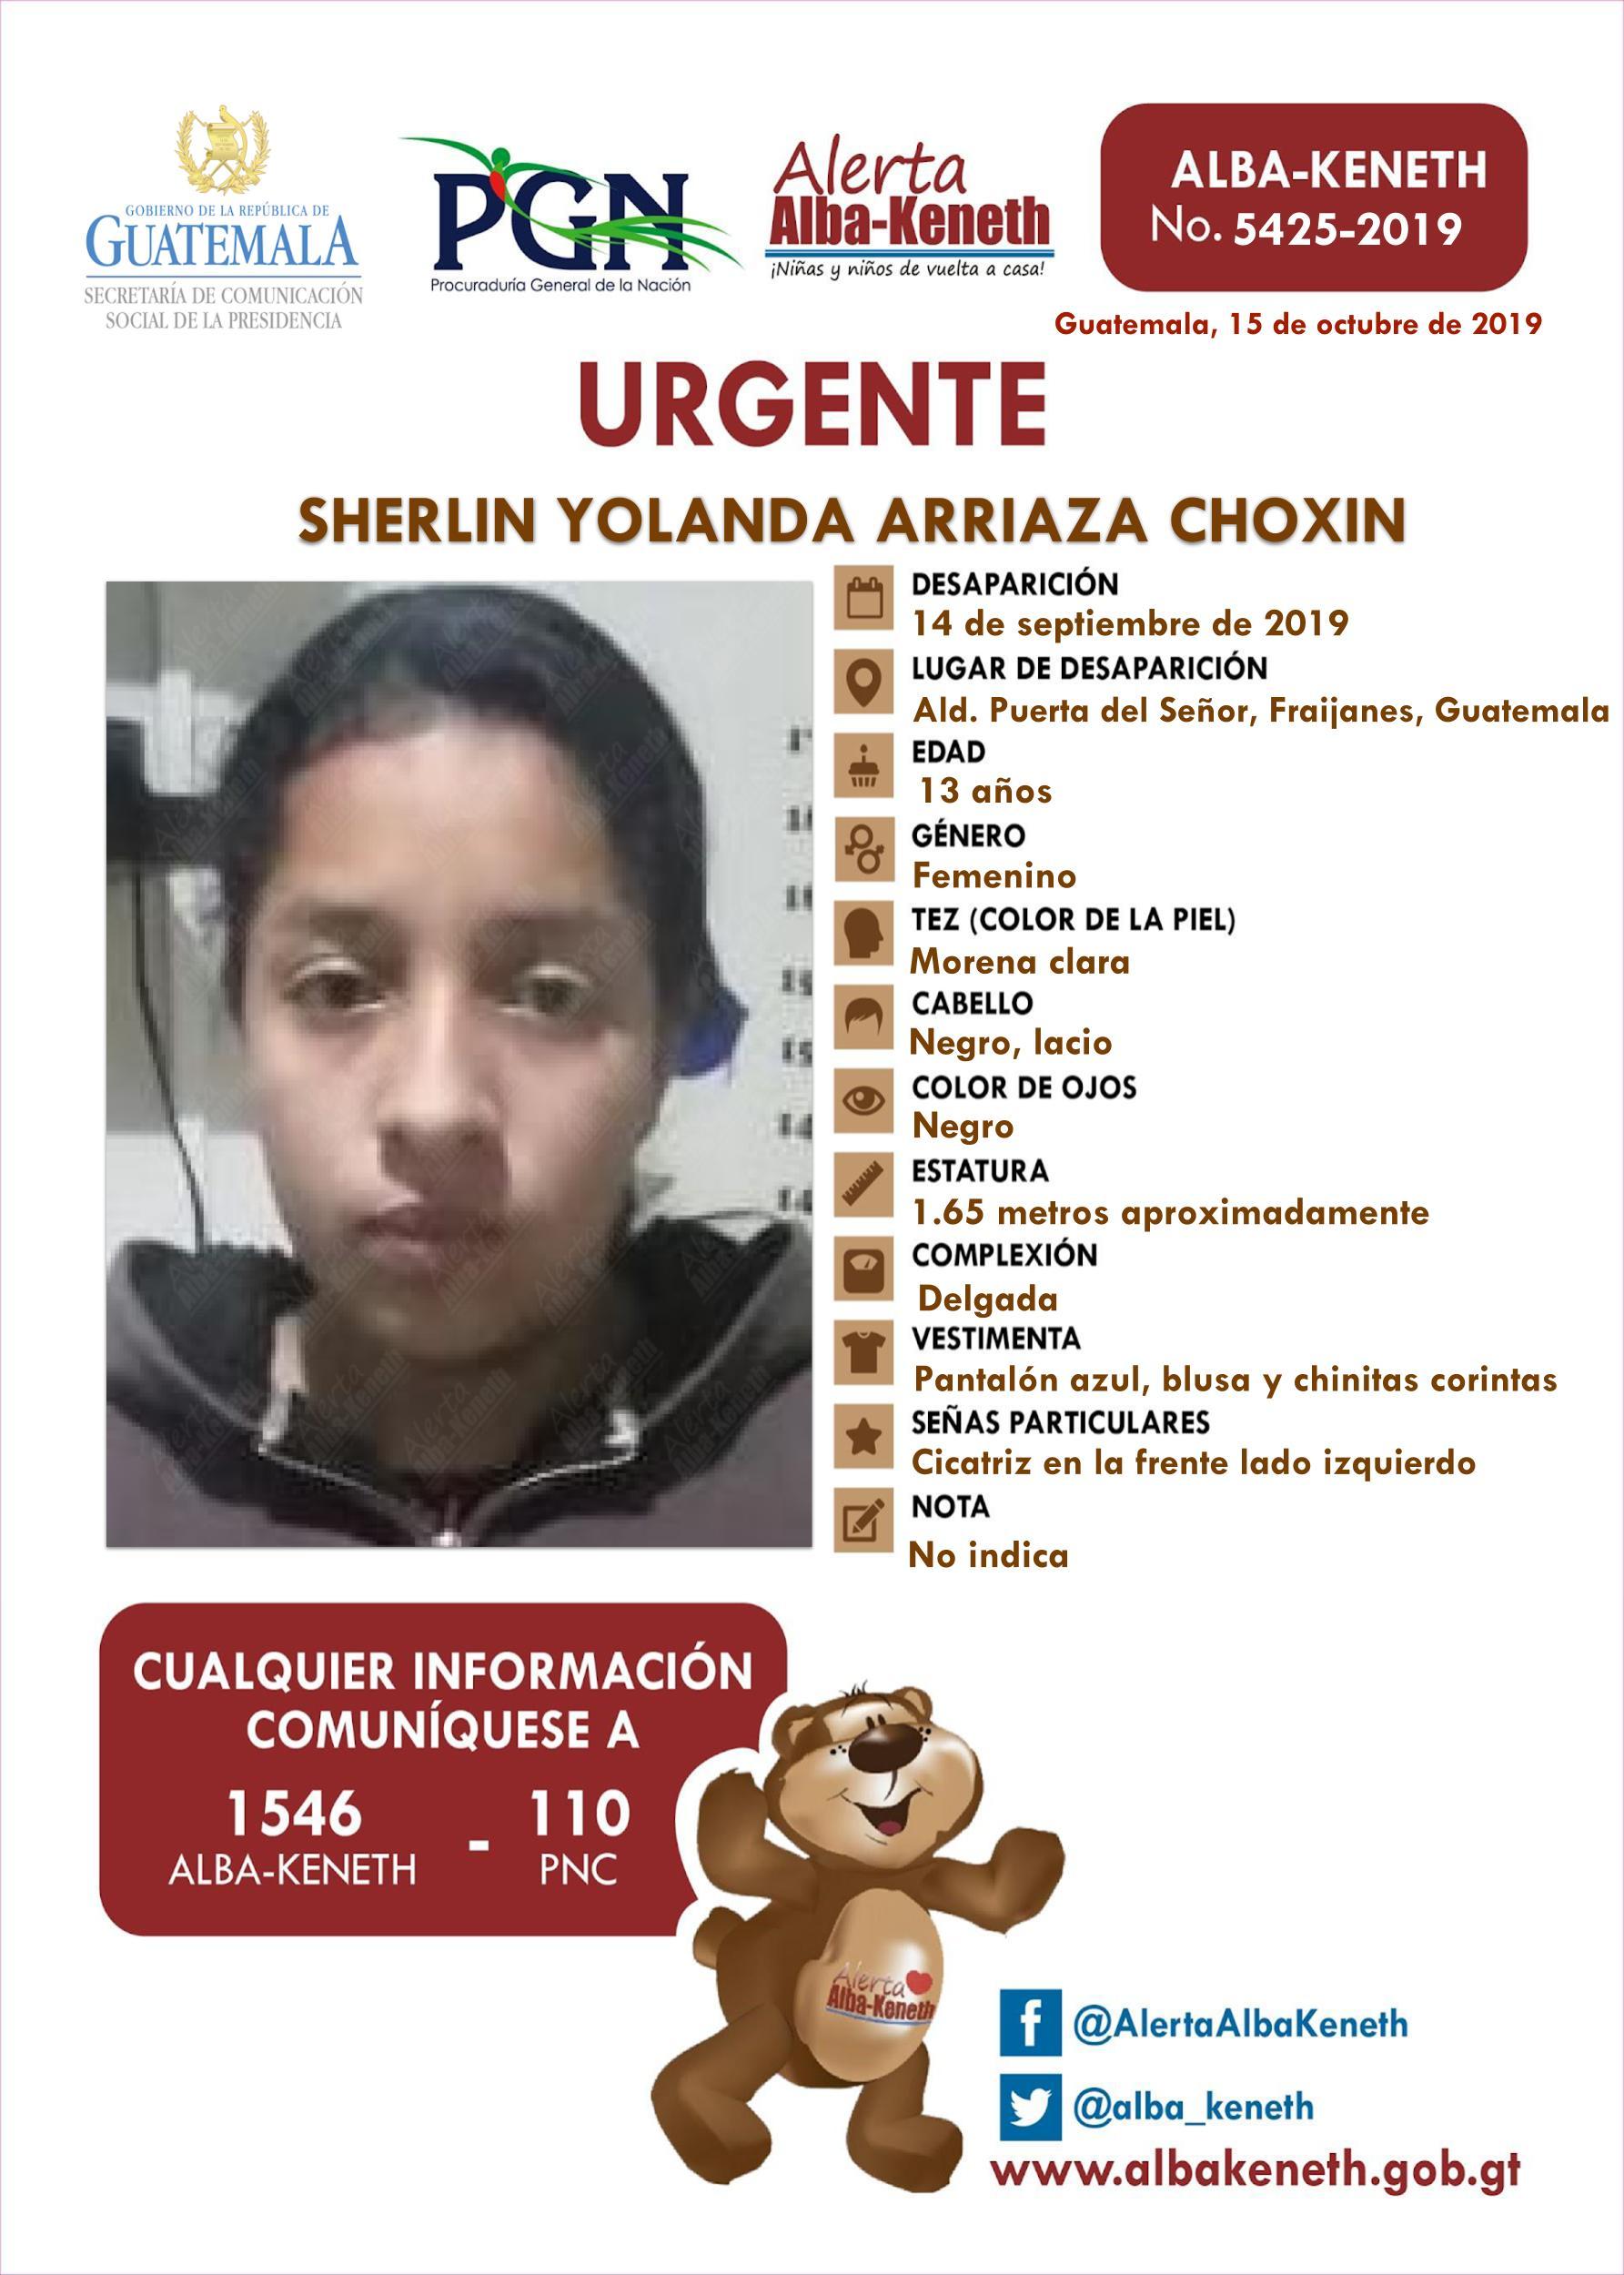 Sherlin Yolanda Arriaza Choxin